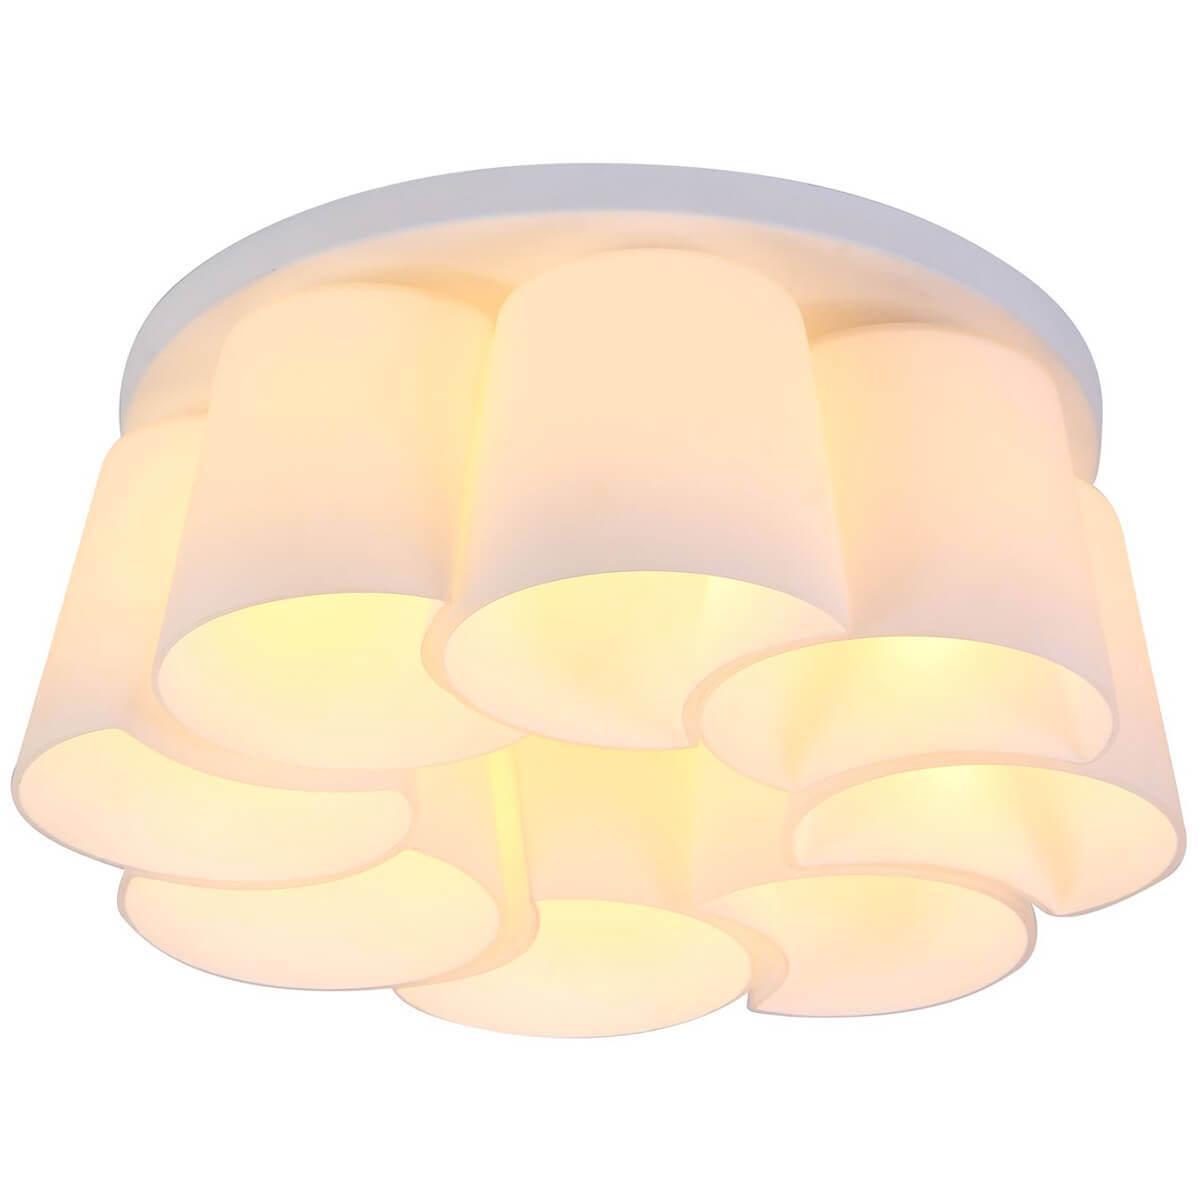 Потолочный светильник Omnilux OML-28107-08, E27, 60 Вт